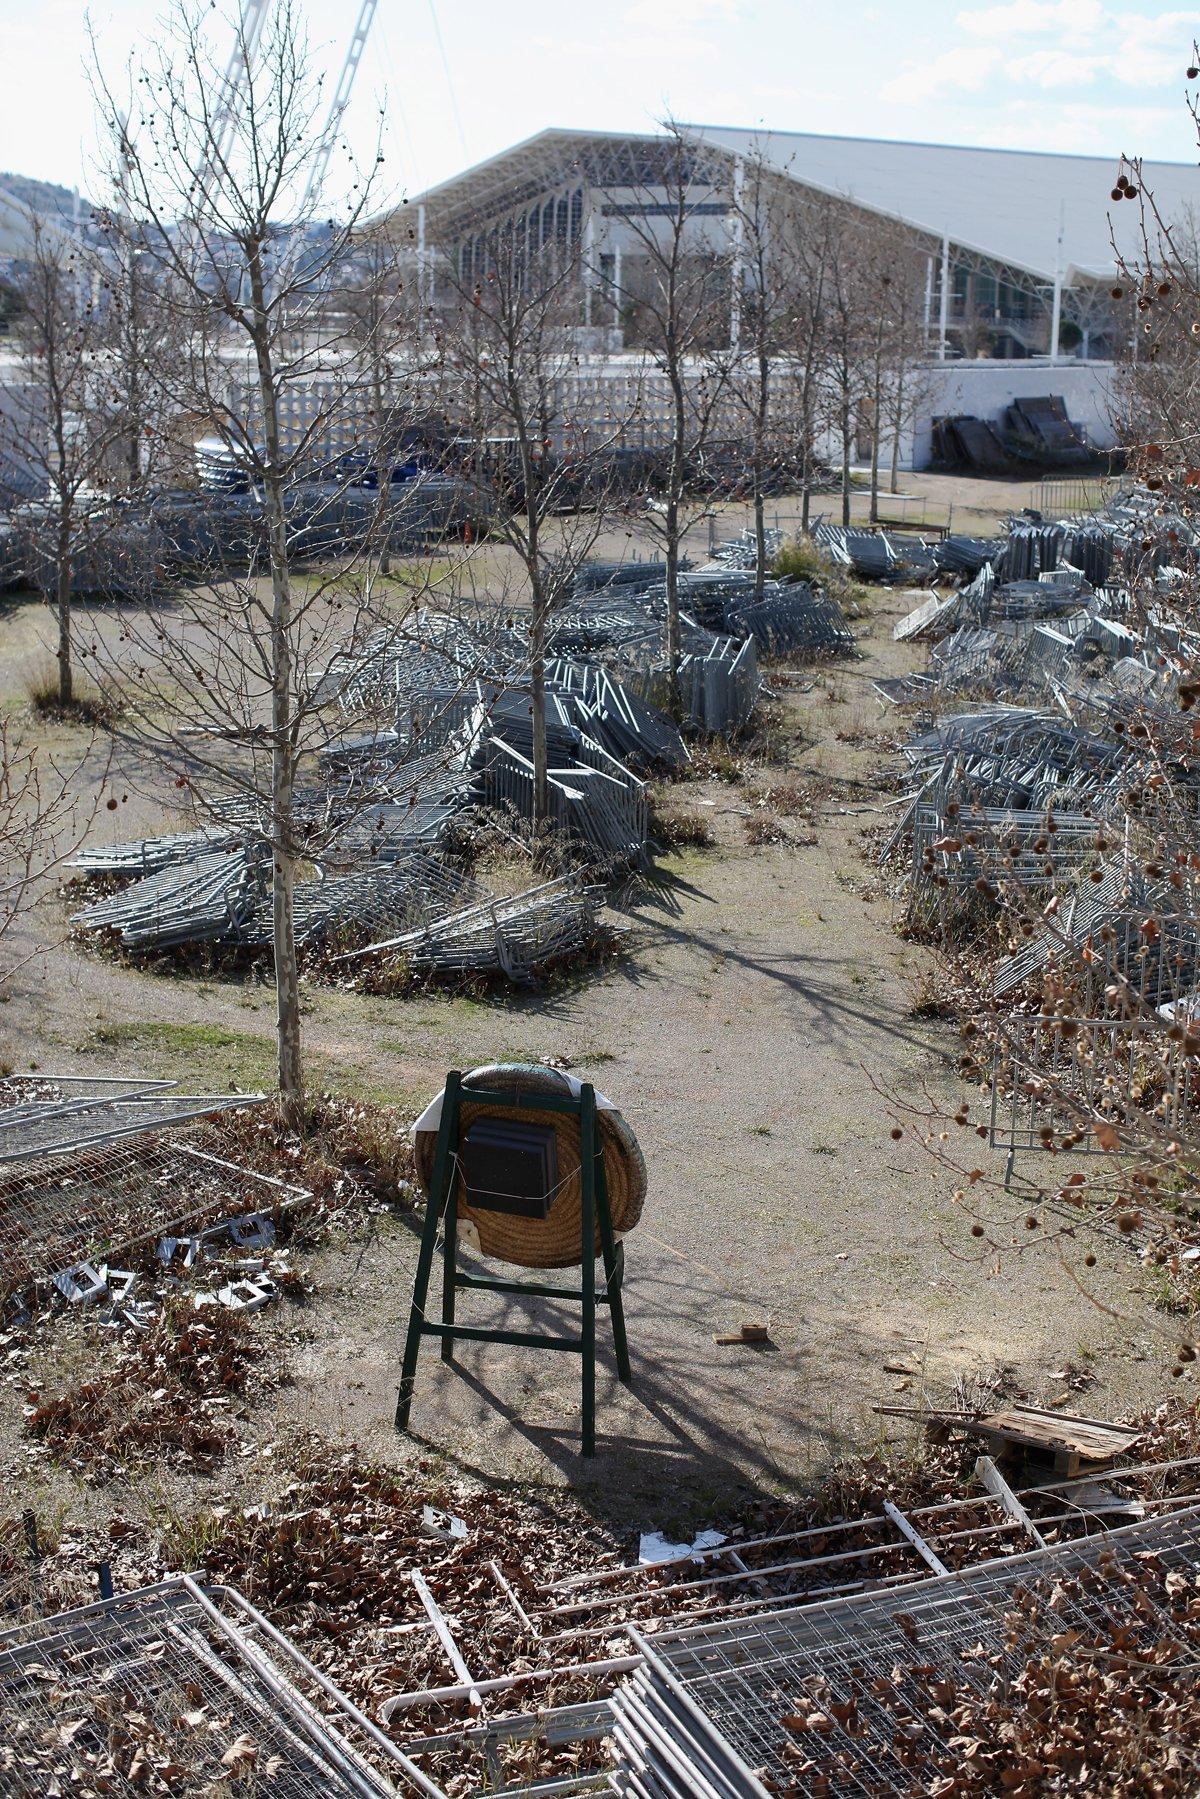 instalaciones olimpicas abandonadas 36